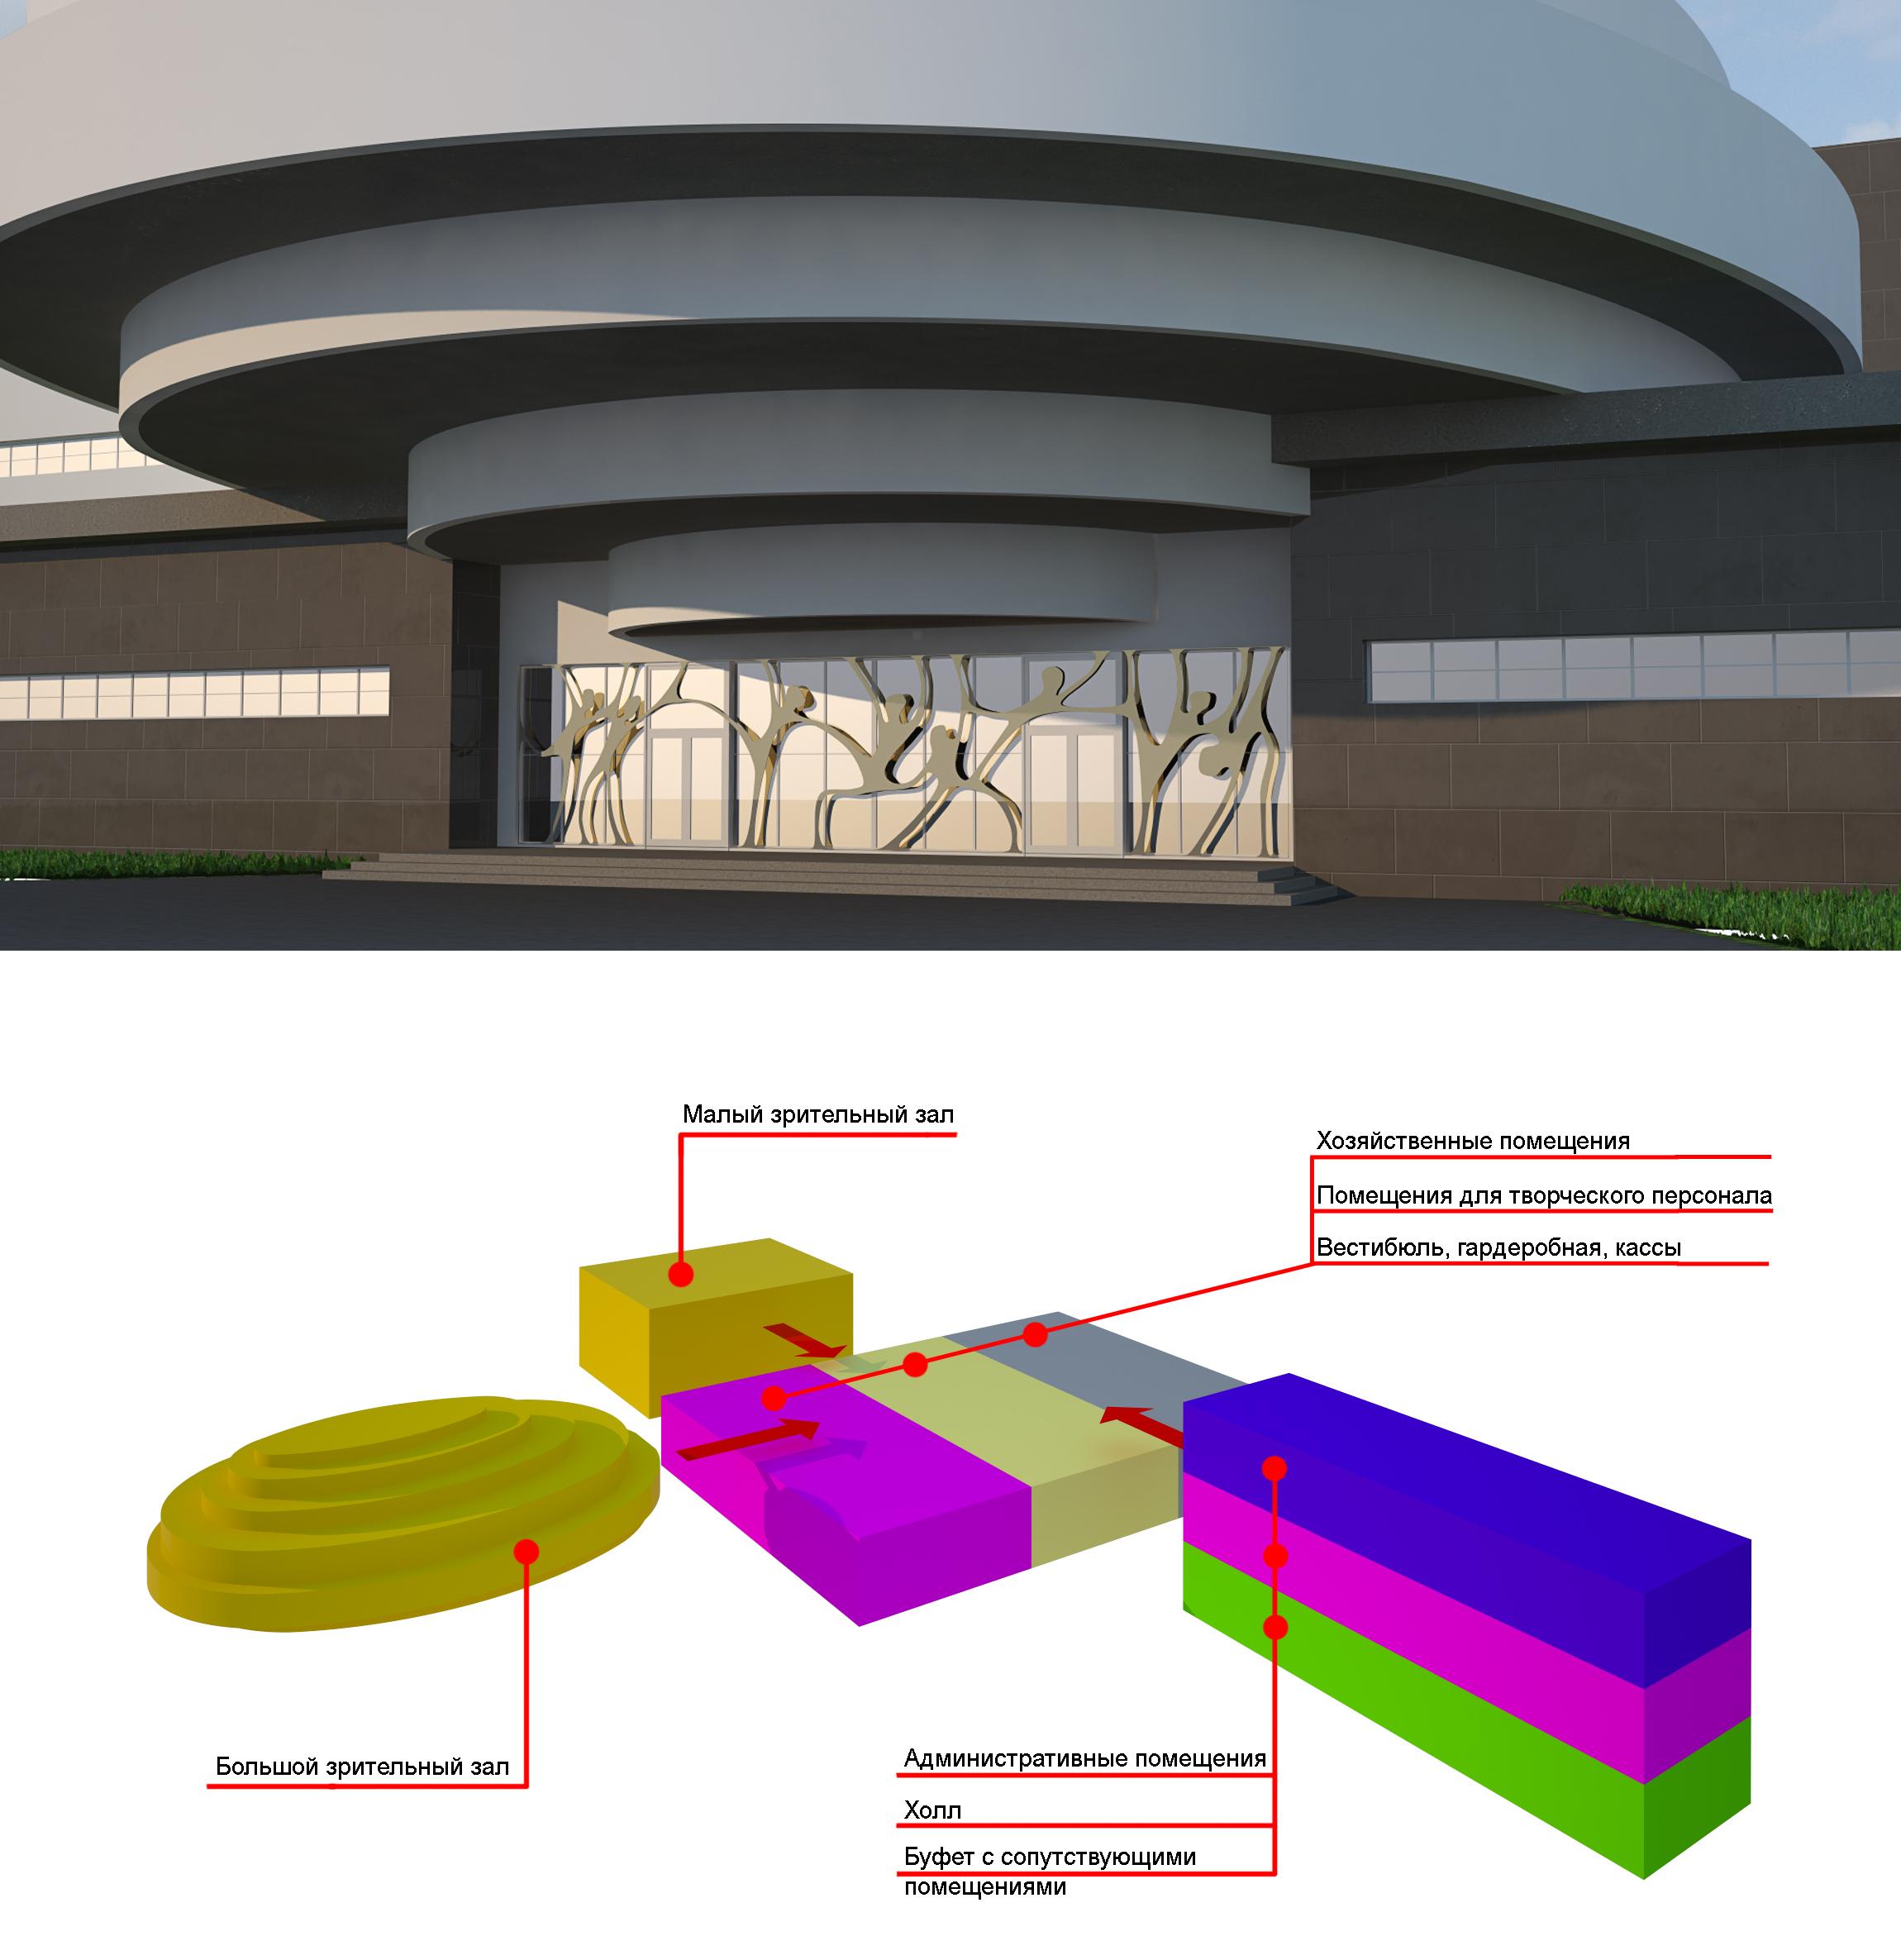 Разработка архитектурной концепции театра оперы и балета фото f_12152f51afe7aa4f.jpg